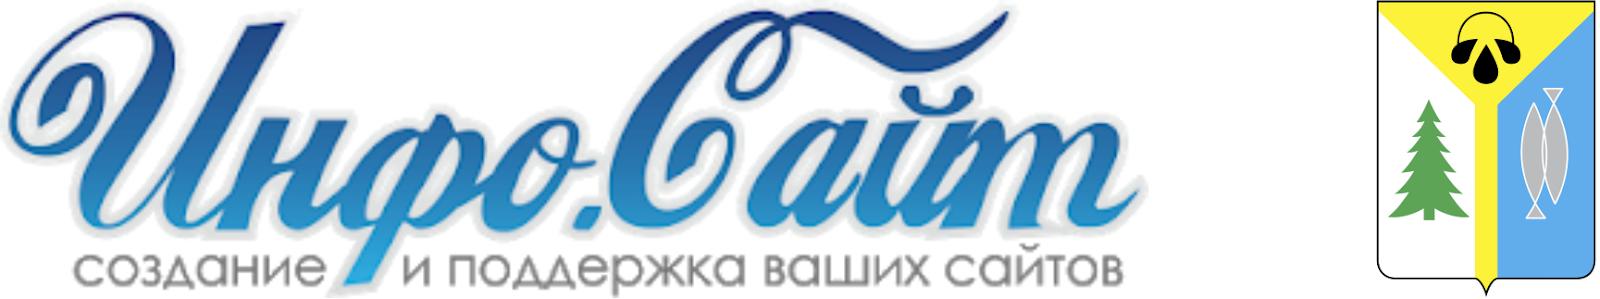 Нижневартовск 🌍 Инфо-Сайт : Новости и объявления Нижневартовска